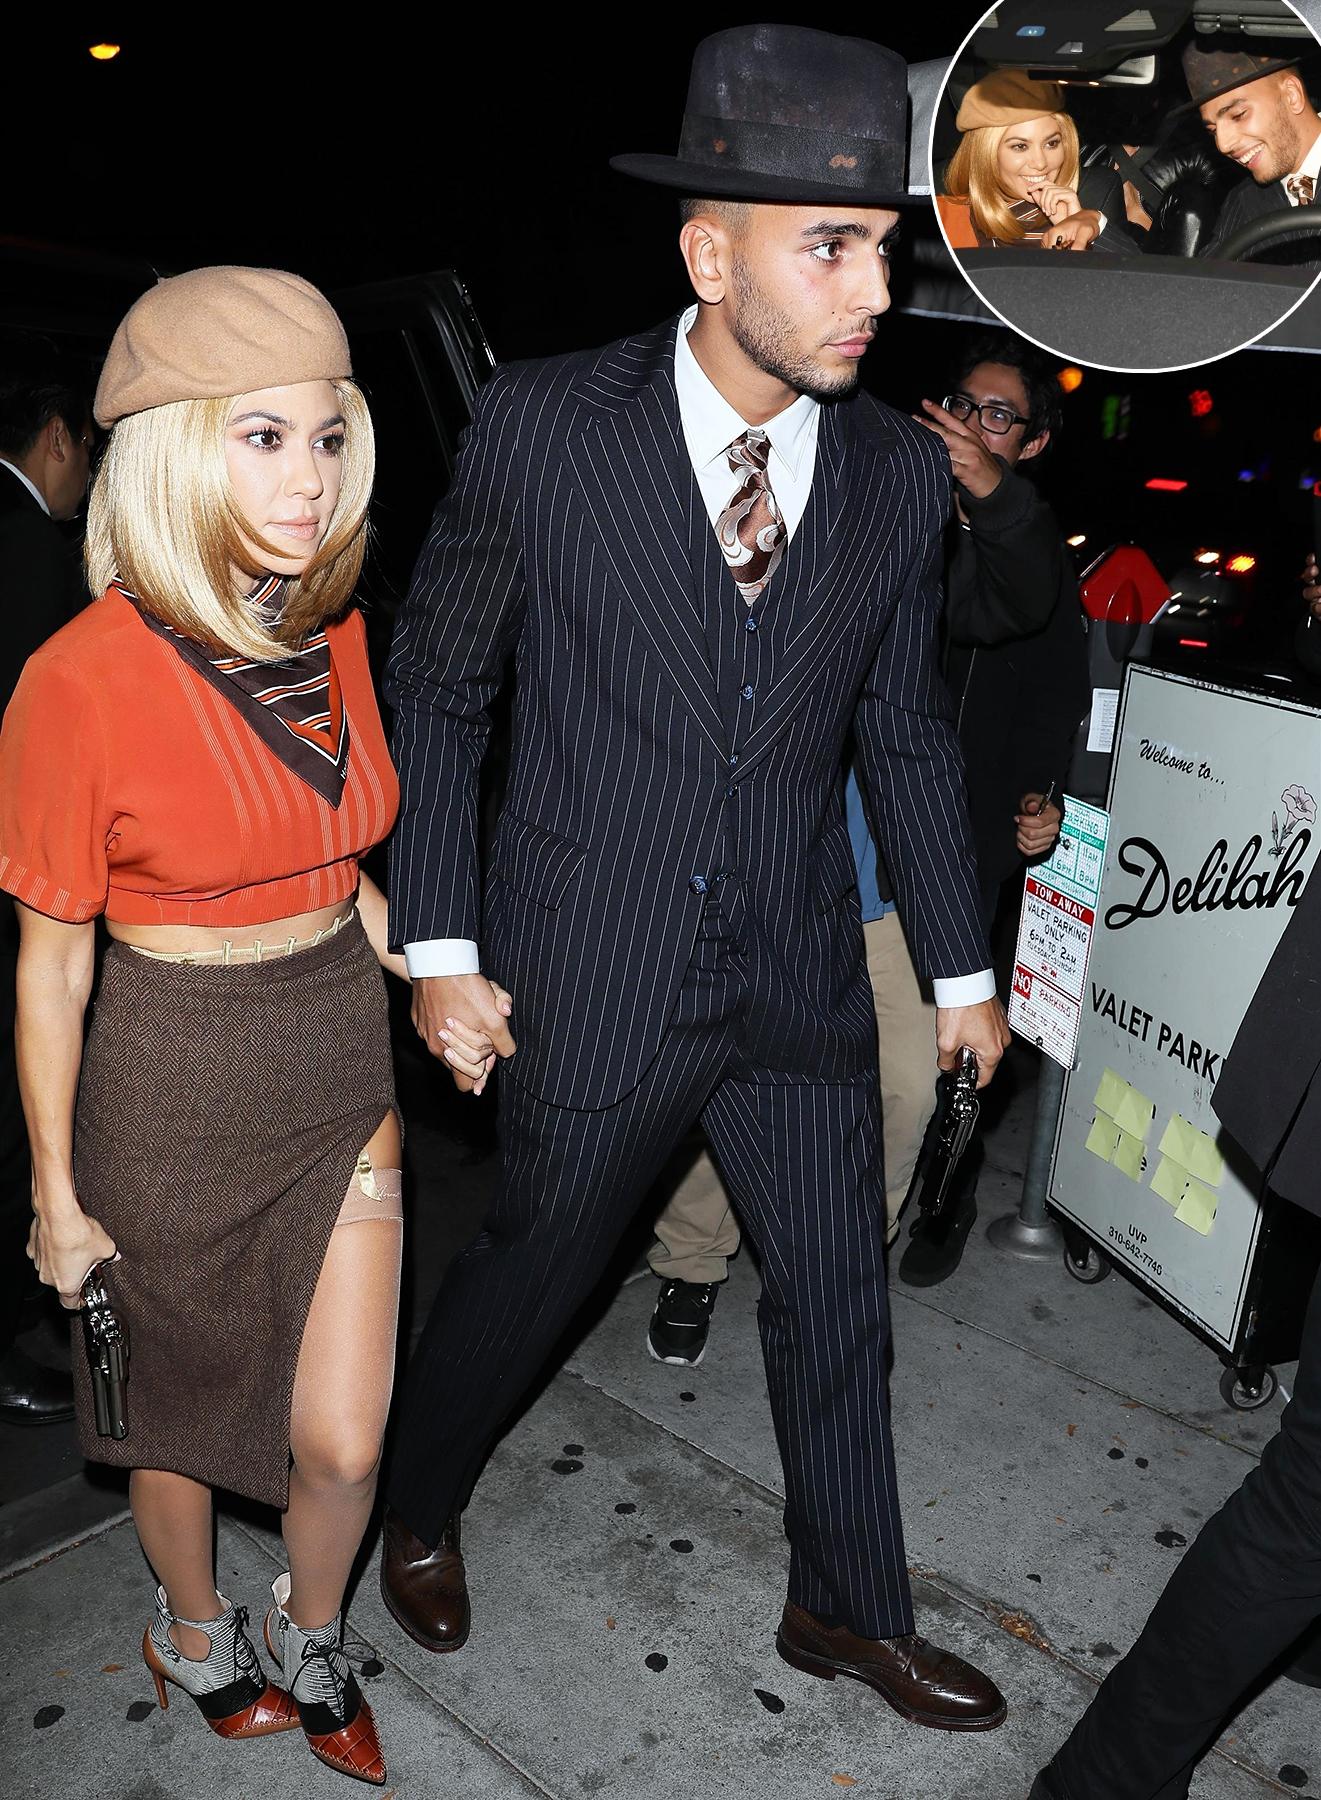 Who is dating kourtney kardashian now